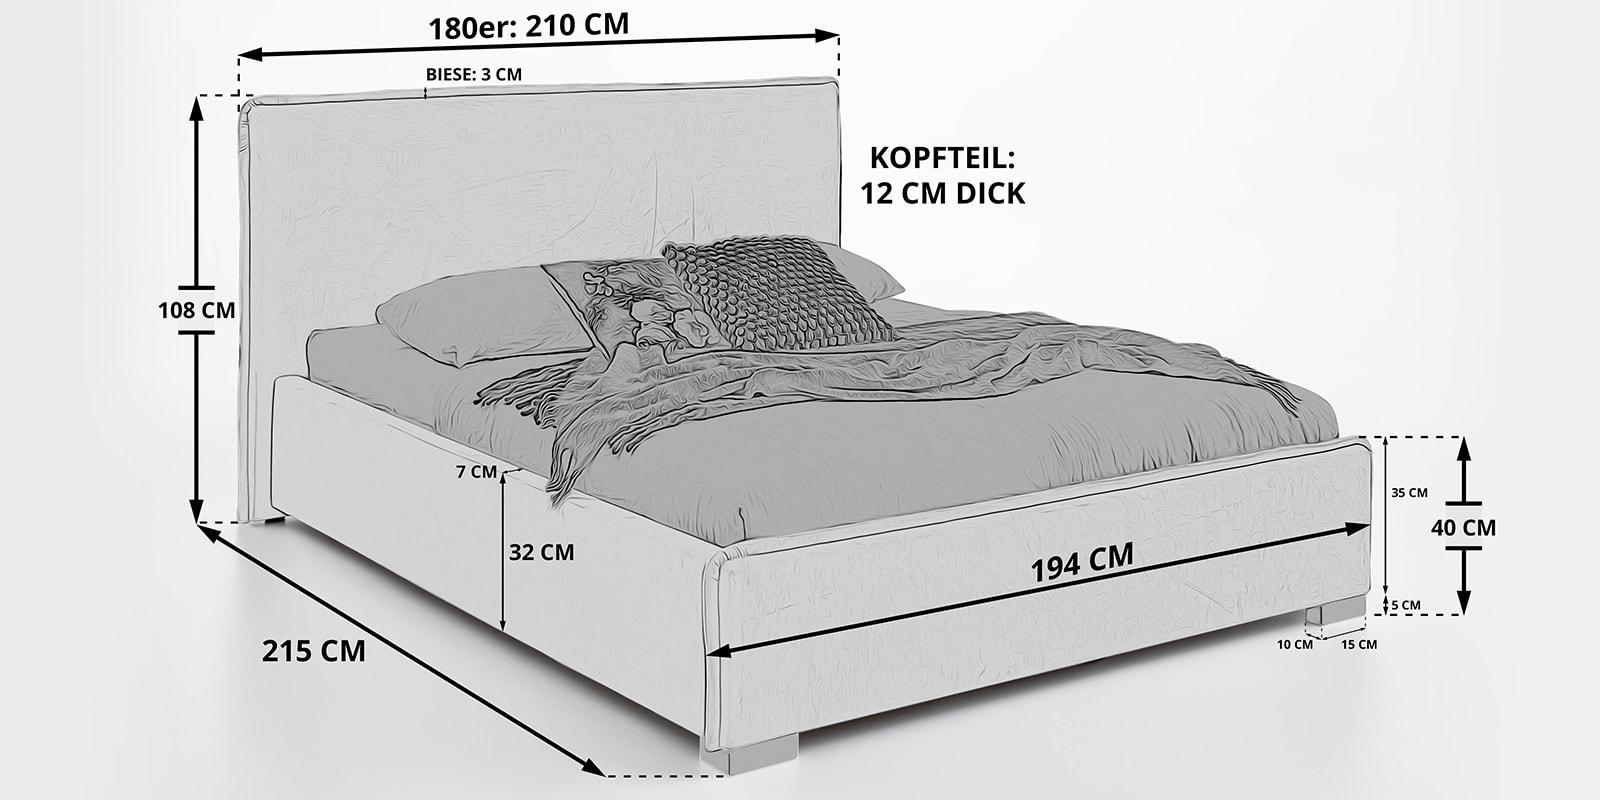 Moebella24 - Bett - mit - Bettkasten - Sofia - Skizze - Maße - 180er - Samt - Stauraum - Polsterbett - Von - vorne - links